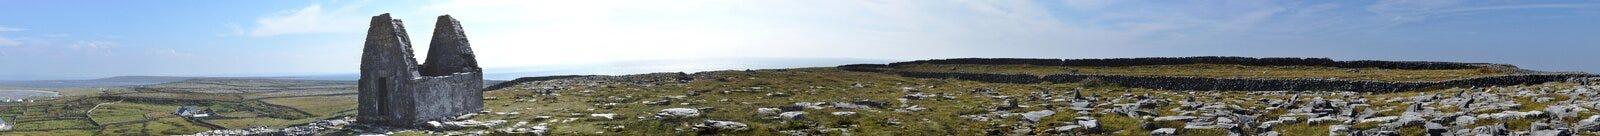 Irlandia mały kościół w światowej panoramie Obrazy Royalty Free